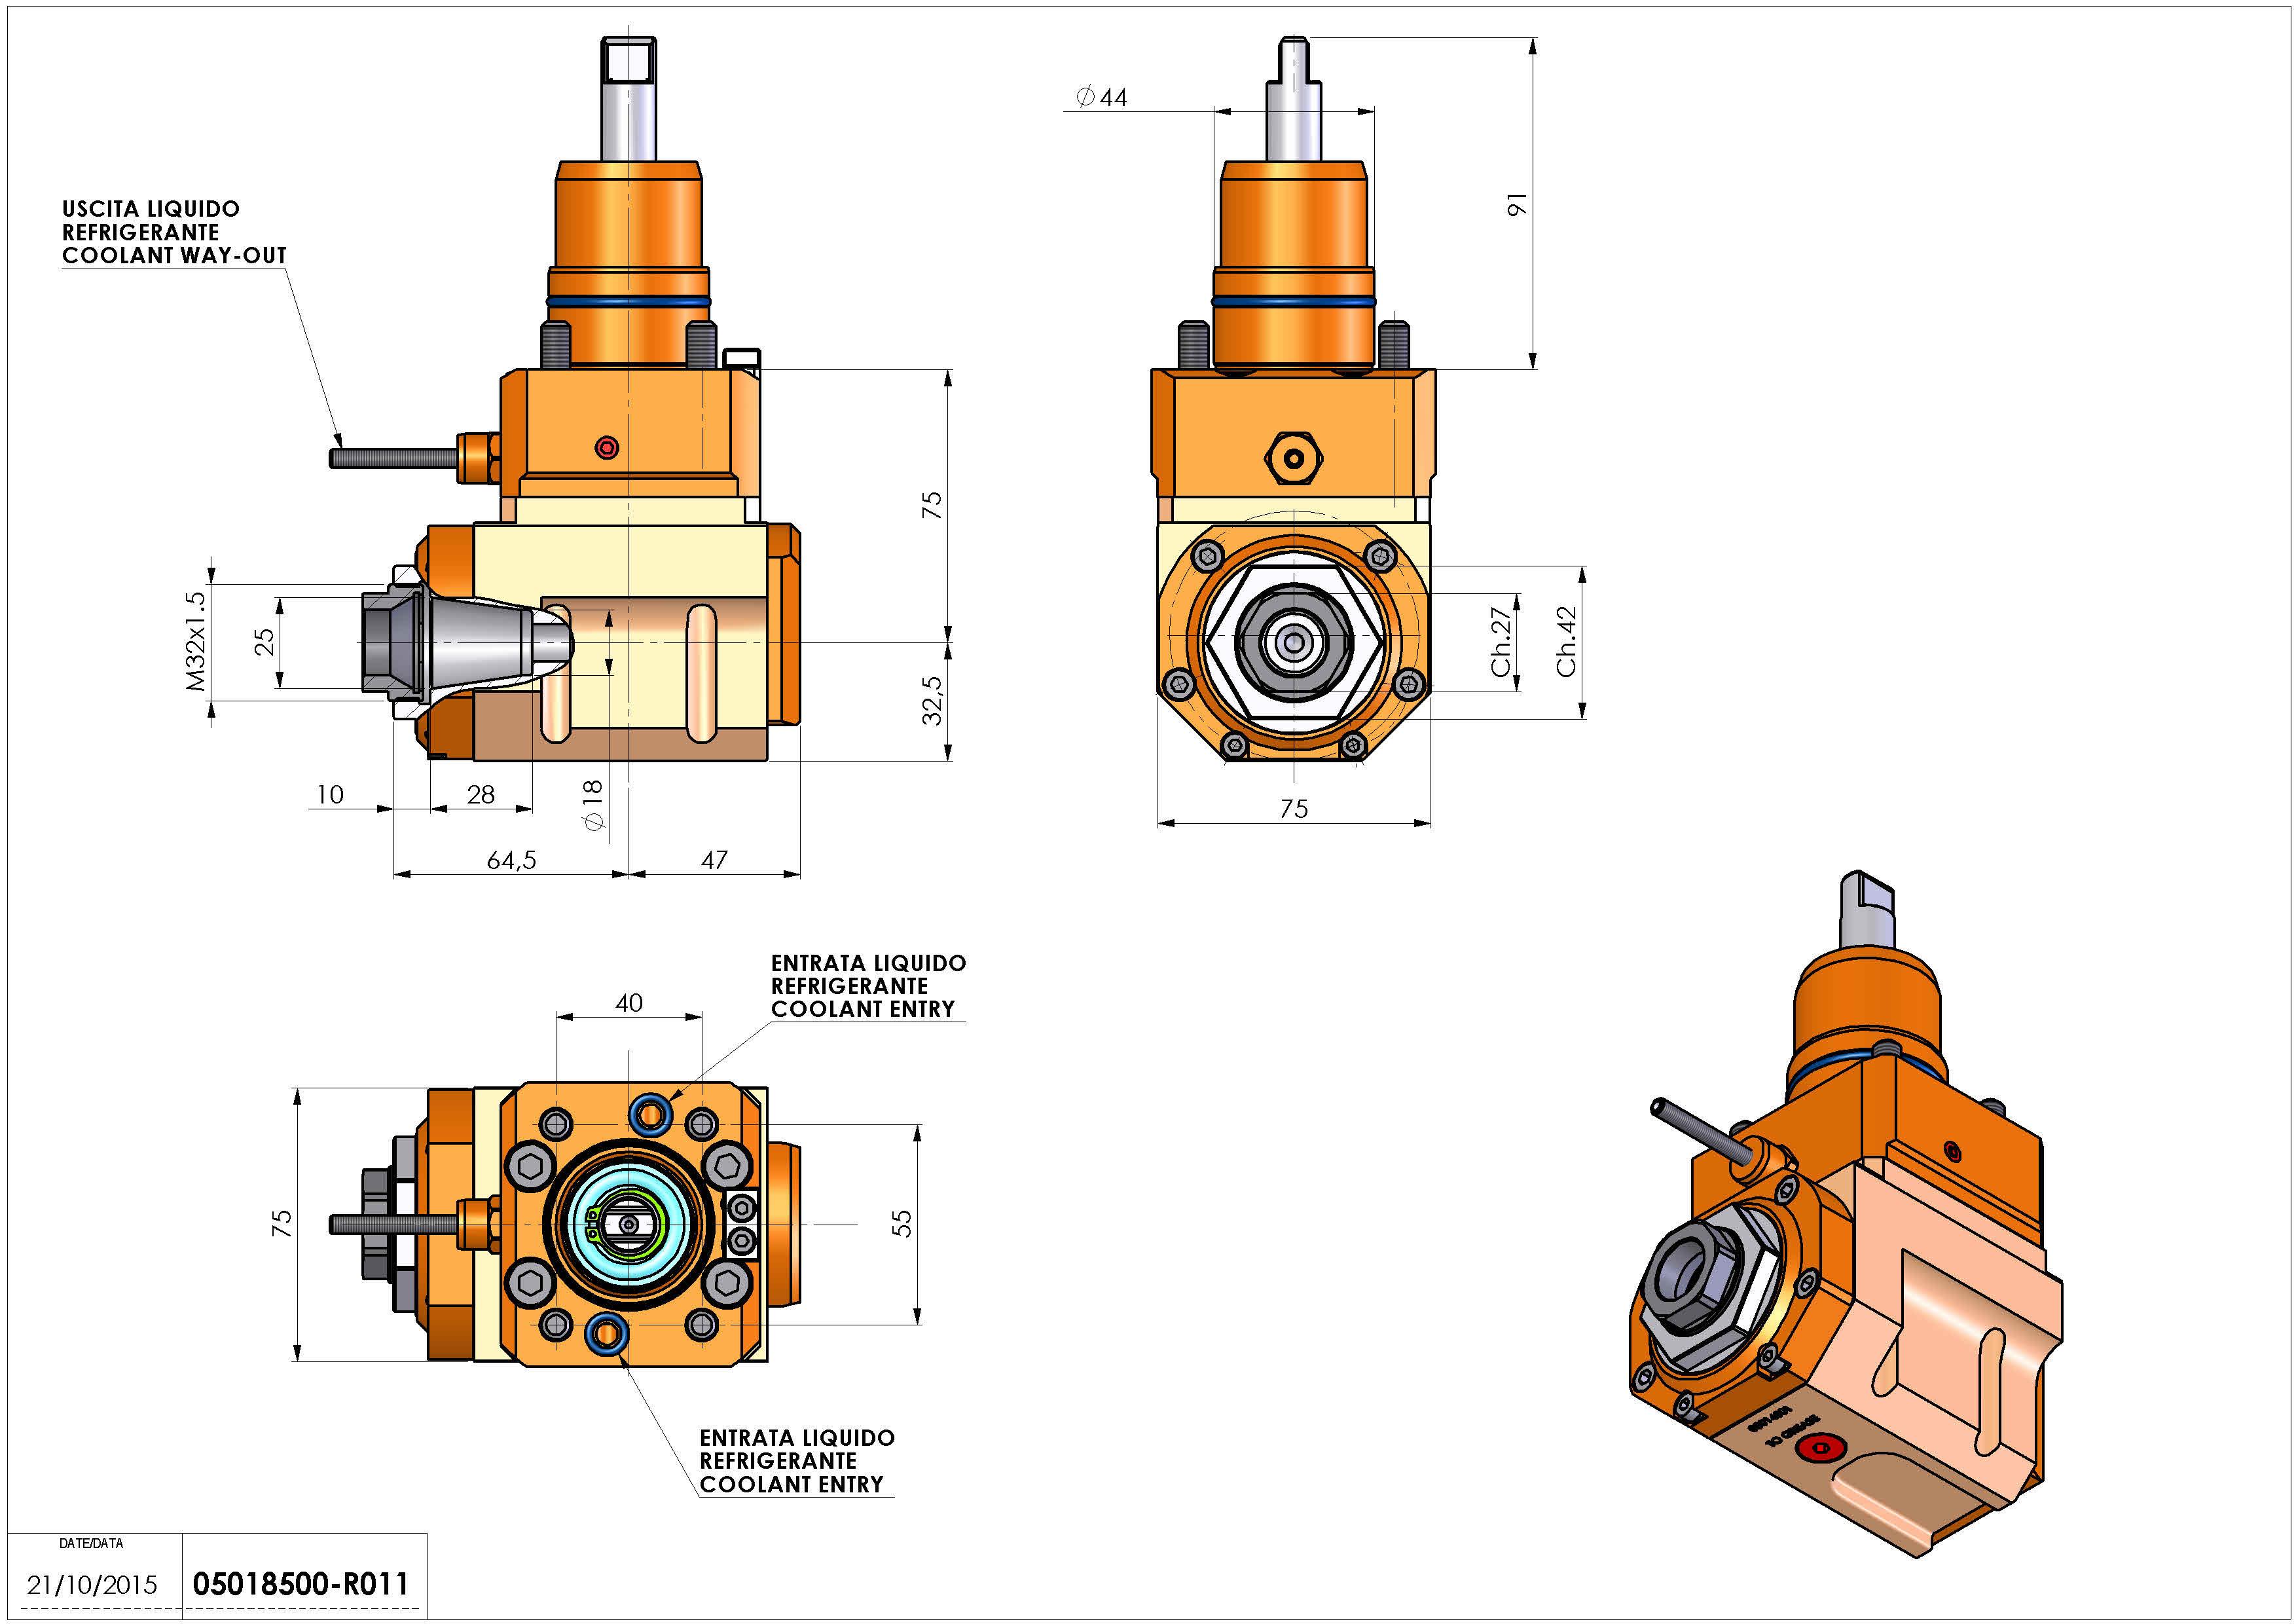 Technical image - LT-A D44 ER25F L-R H75 NK.